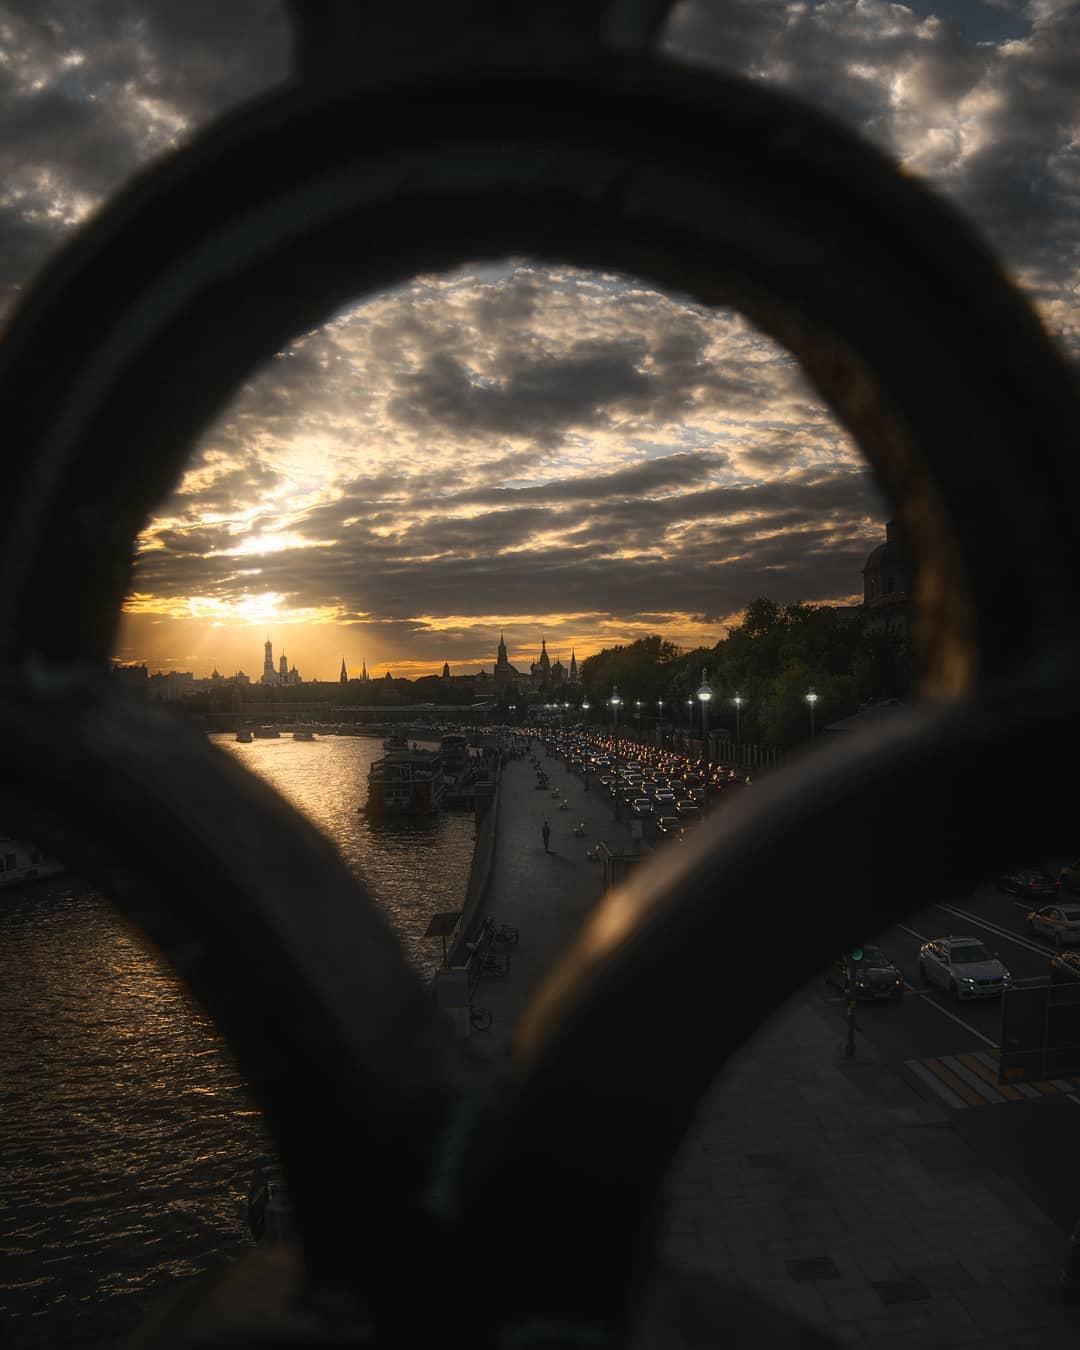 шаров хороший старые места москвы чтобы пофотографировать имея